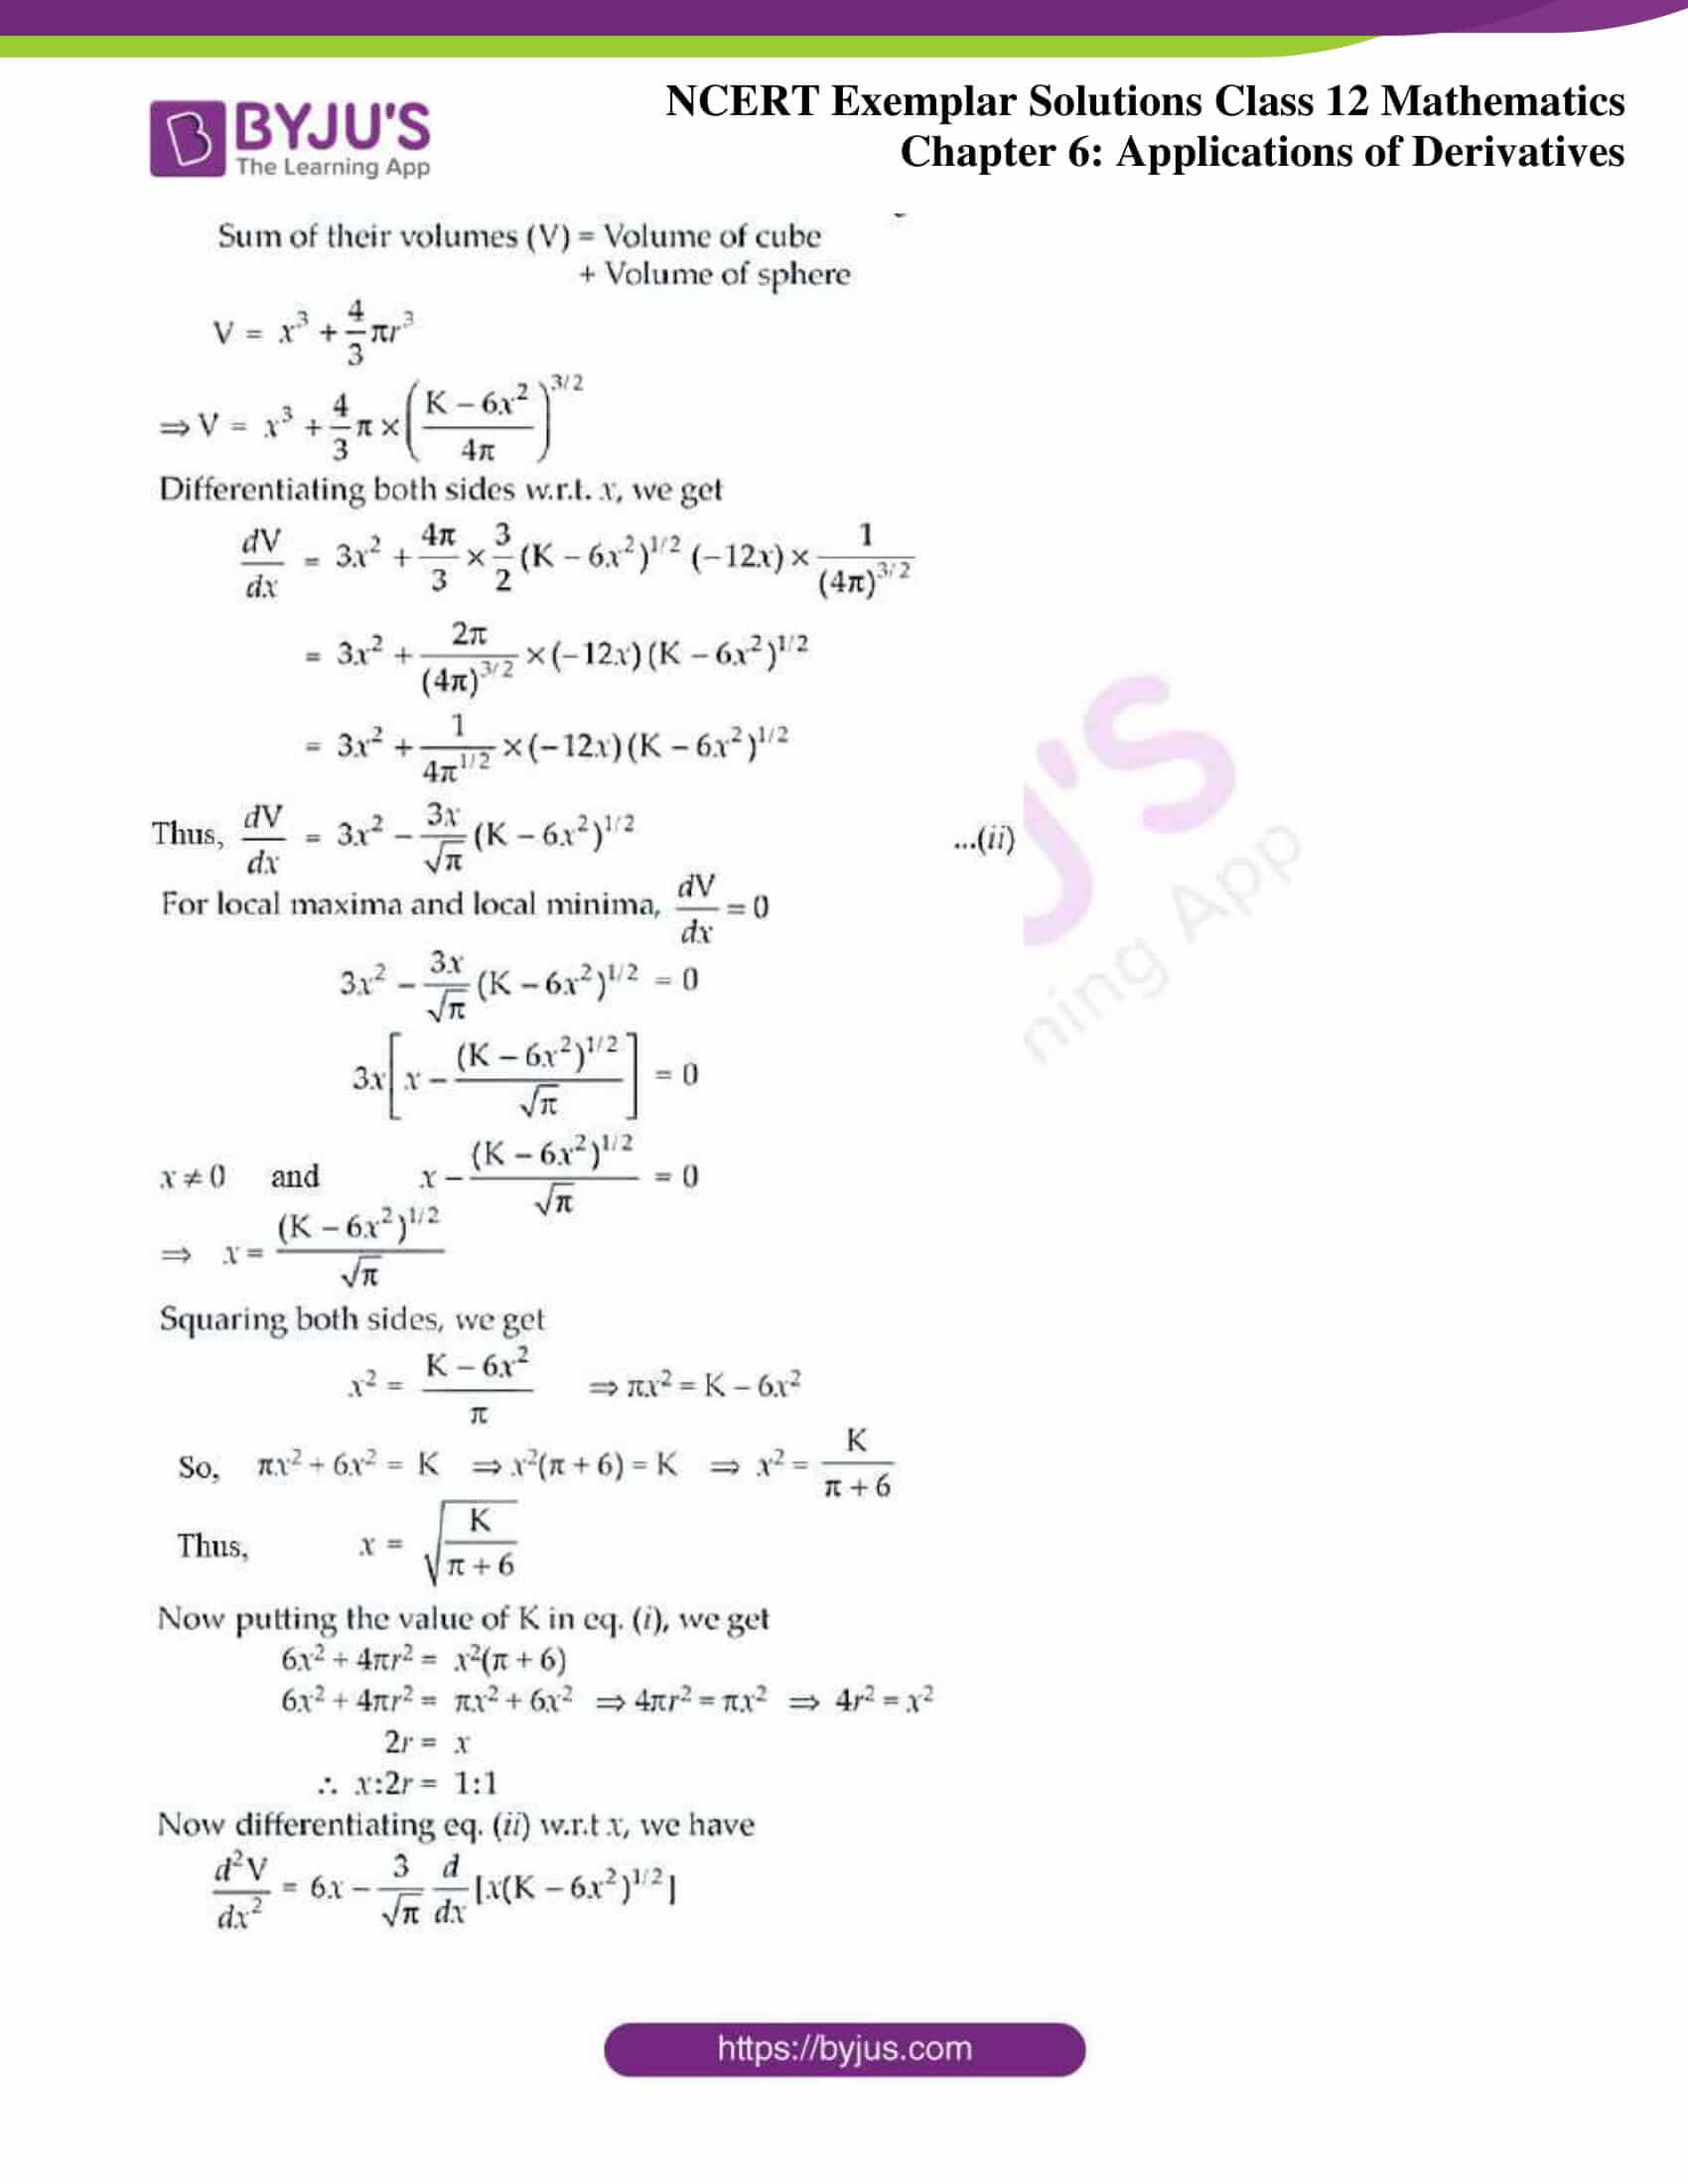 ncert exemplar sol class 12 math ch6 19